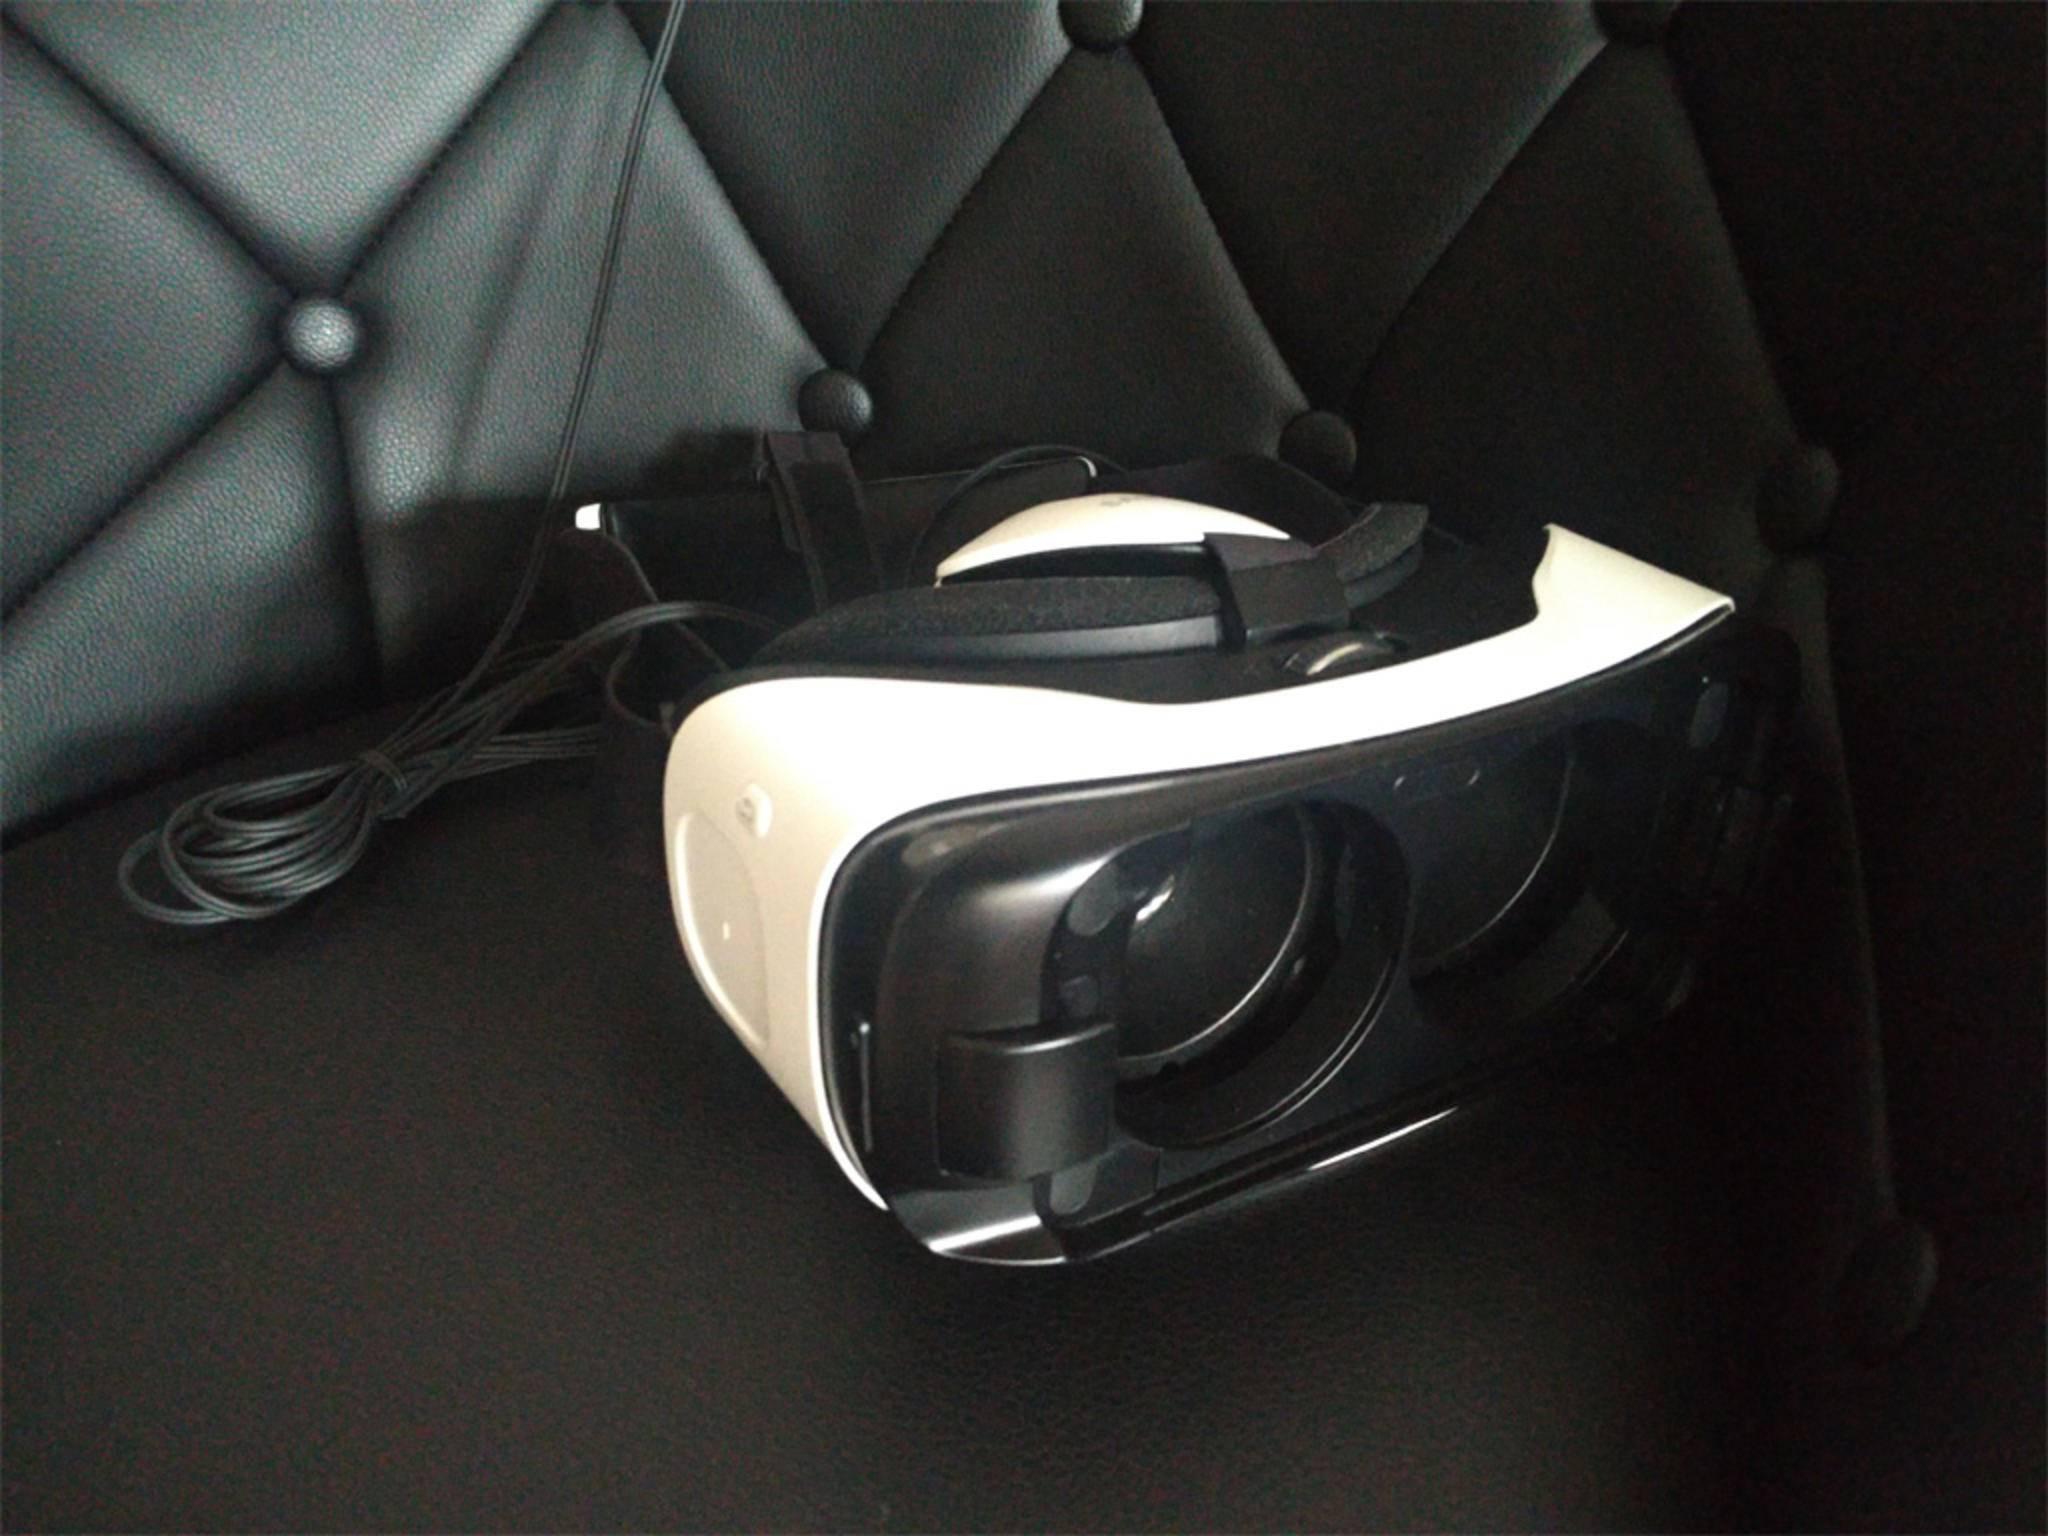 Auch schwächere Smartphones möchte Microsoft mit High-End-VR kompatibel machen.